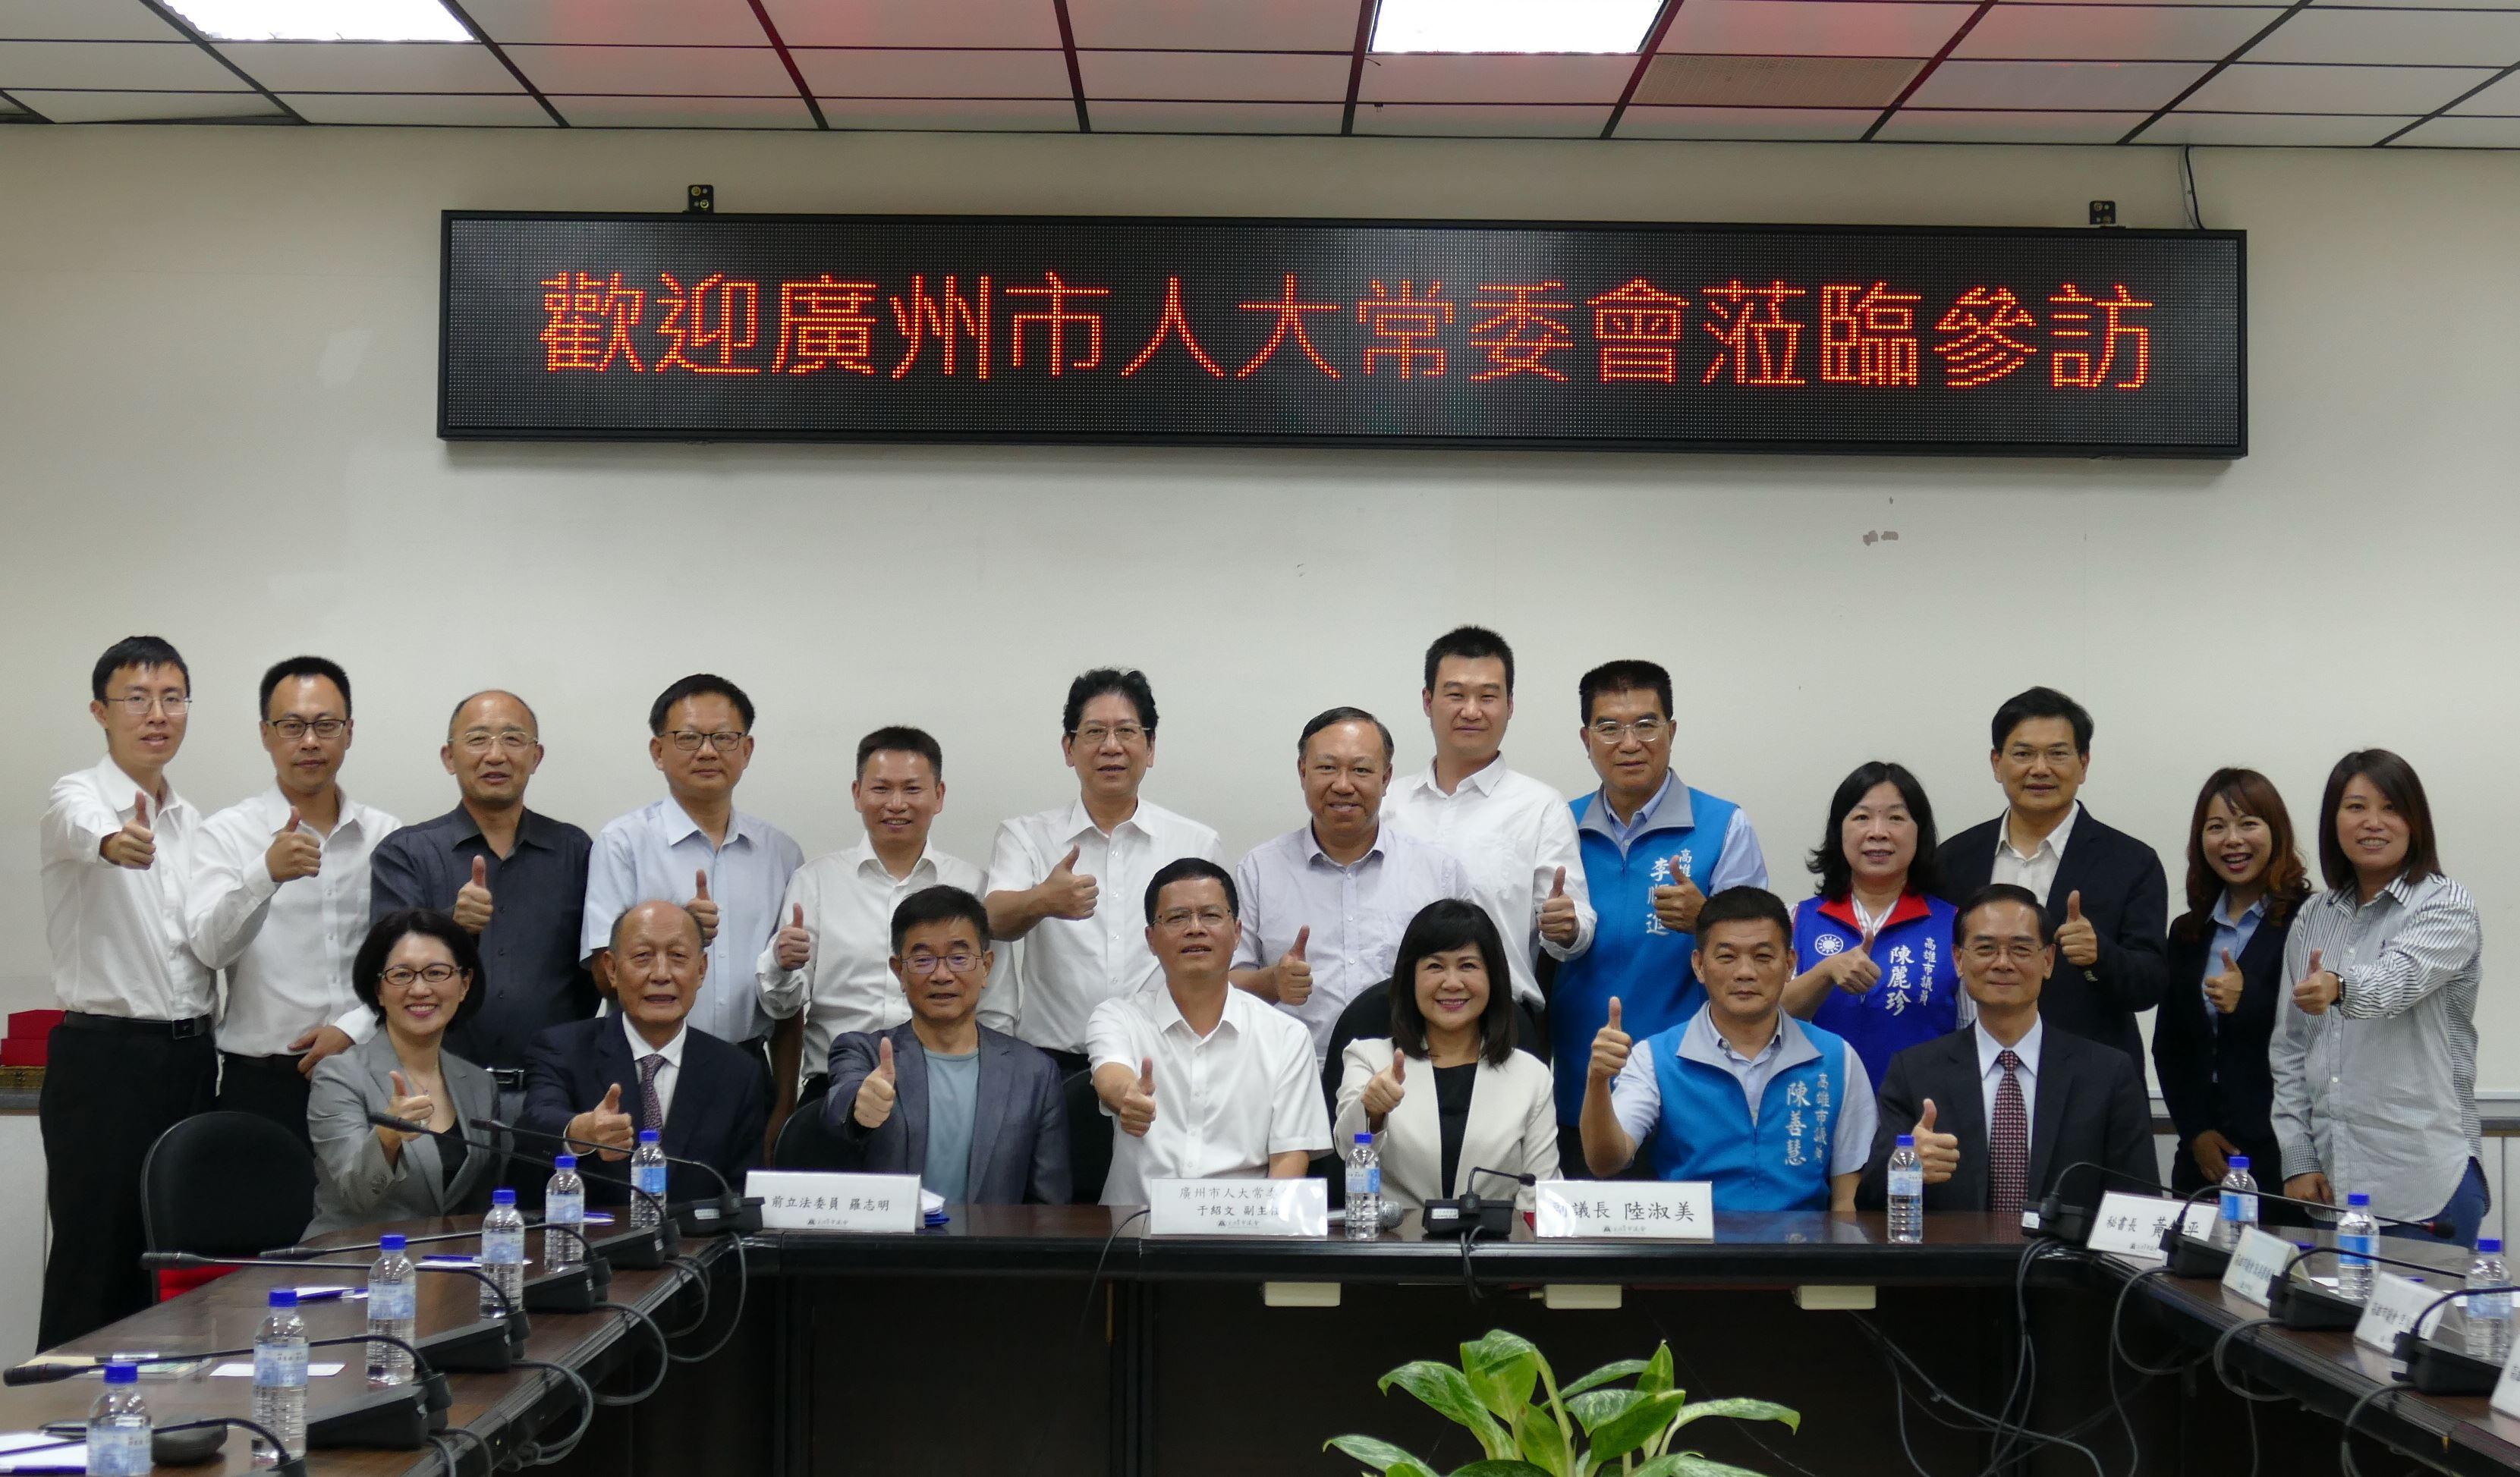 本會接待廣州人大常委會,力促城市議會外交